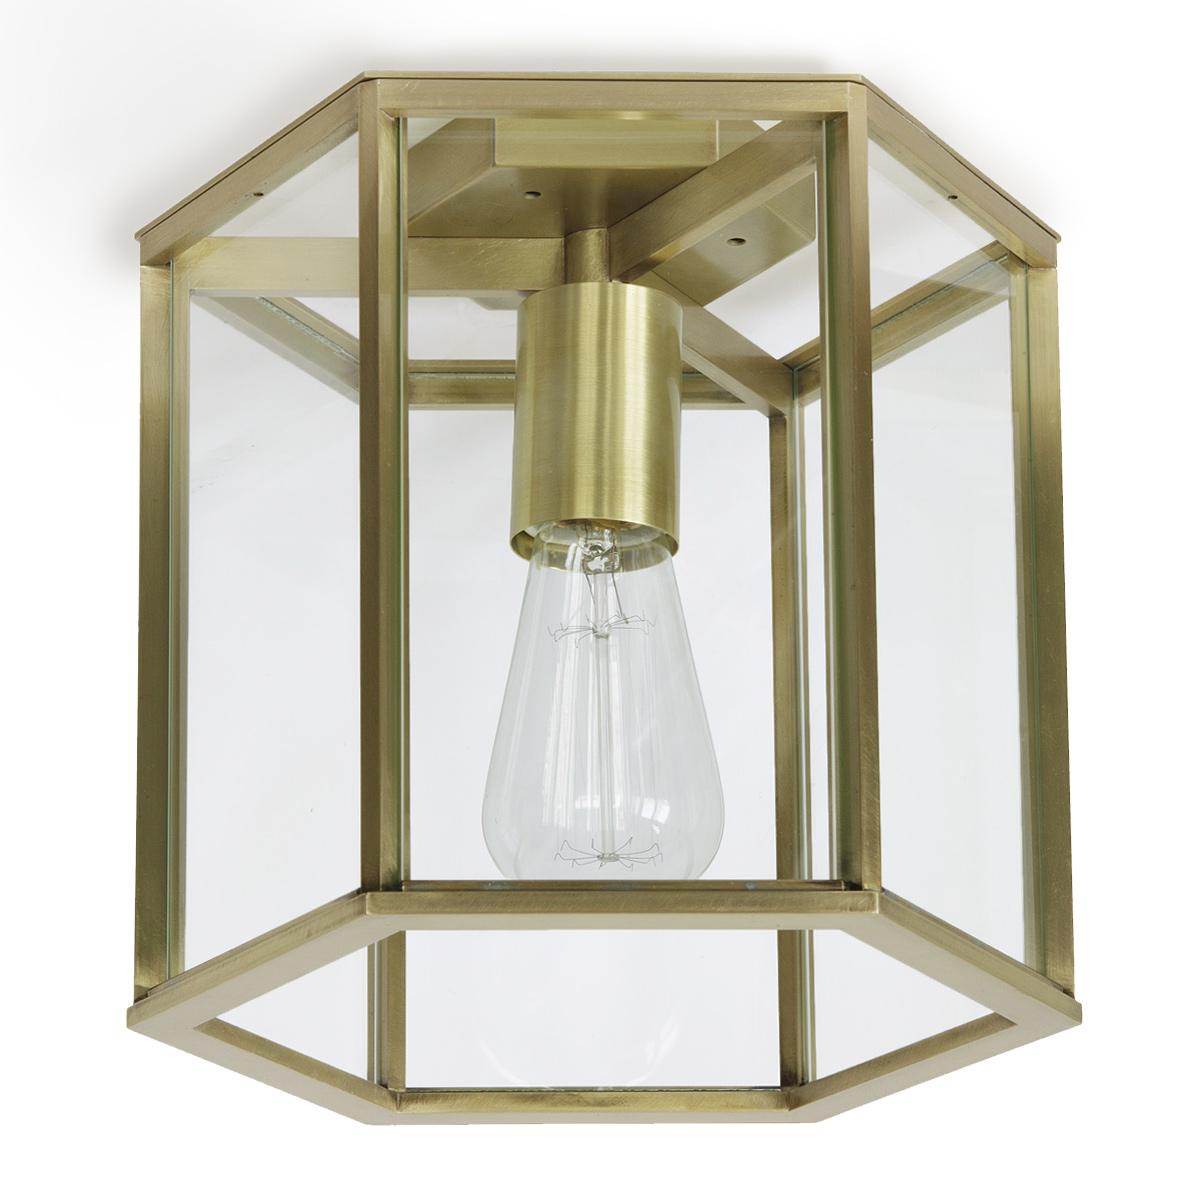 kleine sechseckige deckenleuchte aus glas und messing regensburg 23 25 cm casa lumi. Black Bedroom Furniture Sets. Home Design Ideas